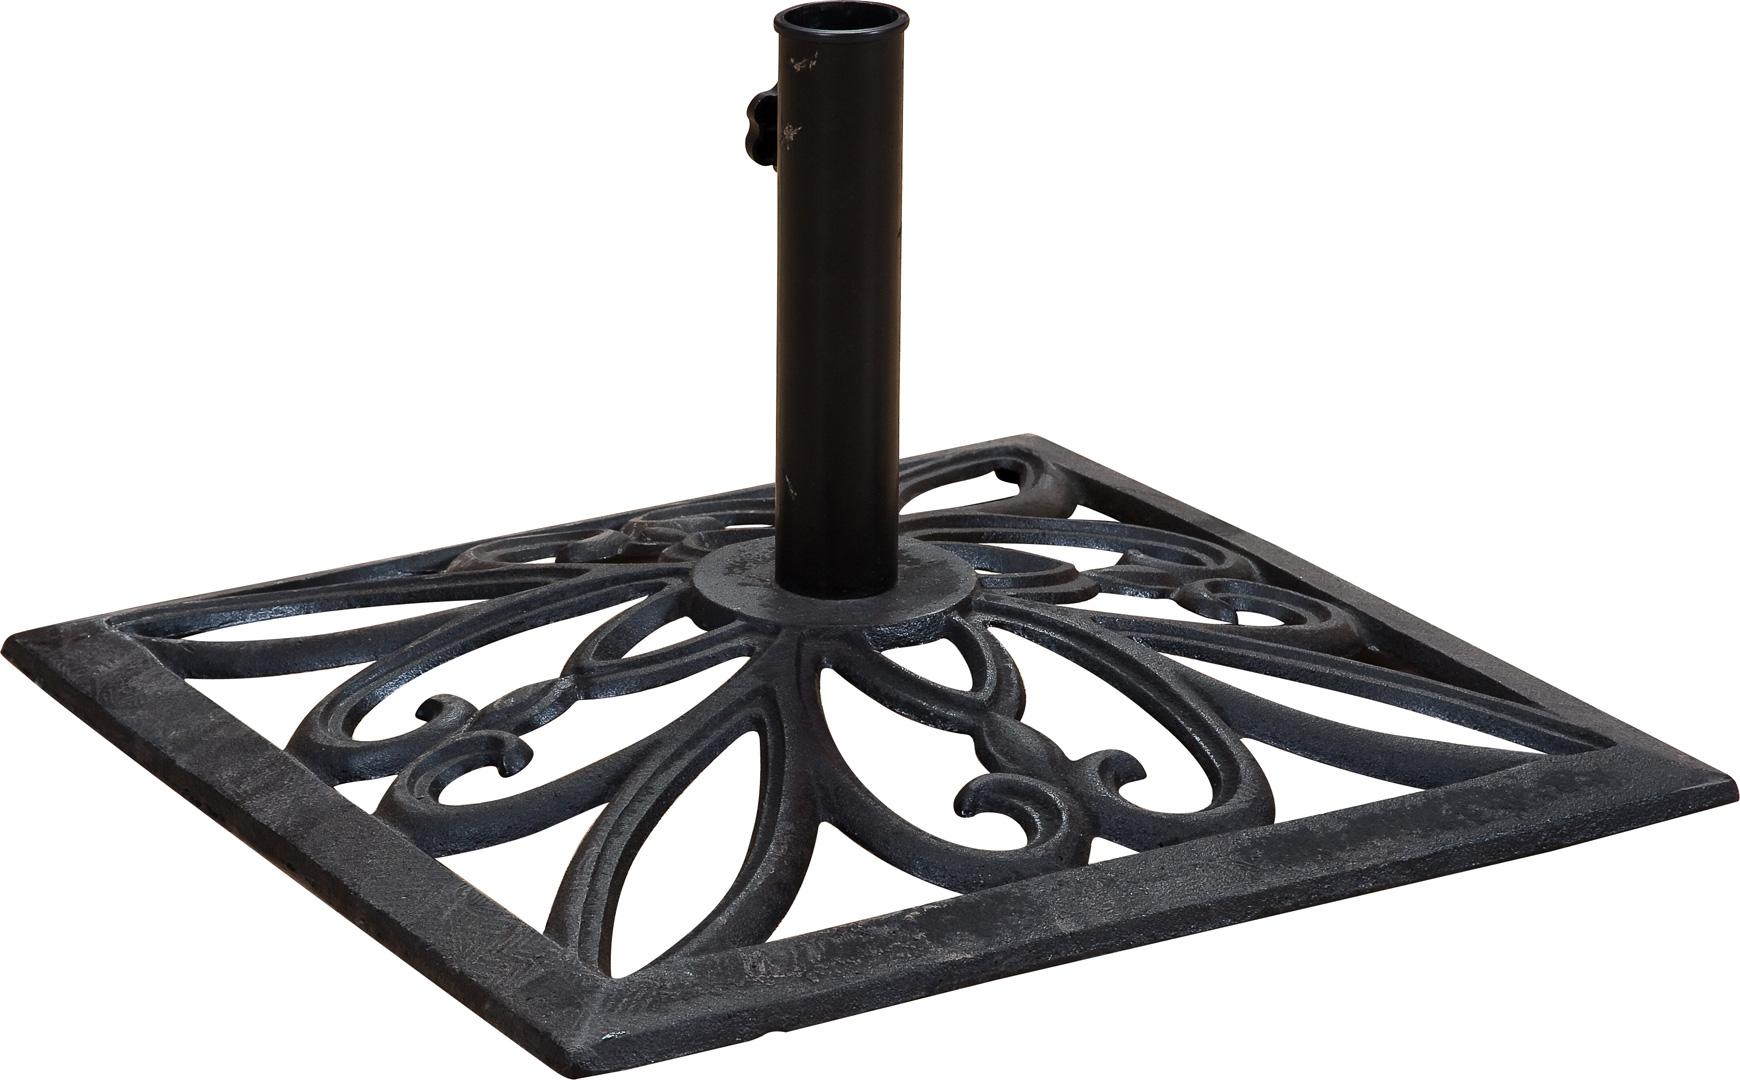 Pied de parasol carré en bronze